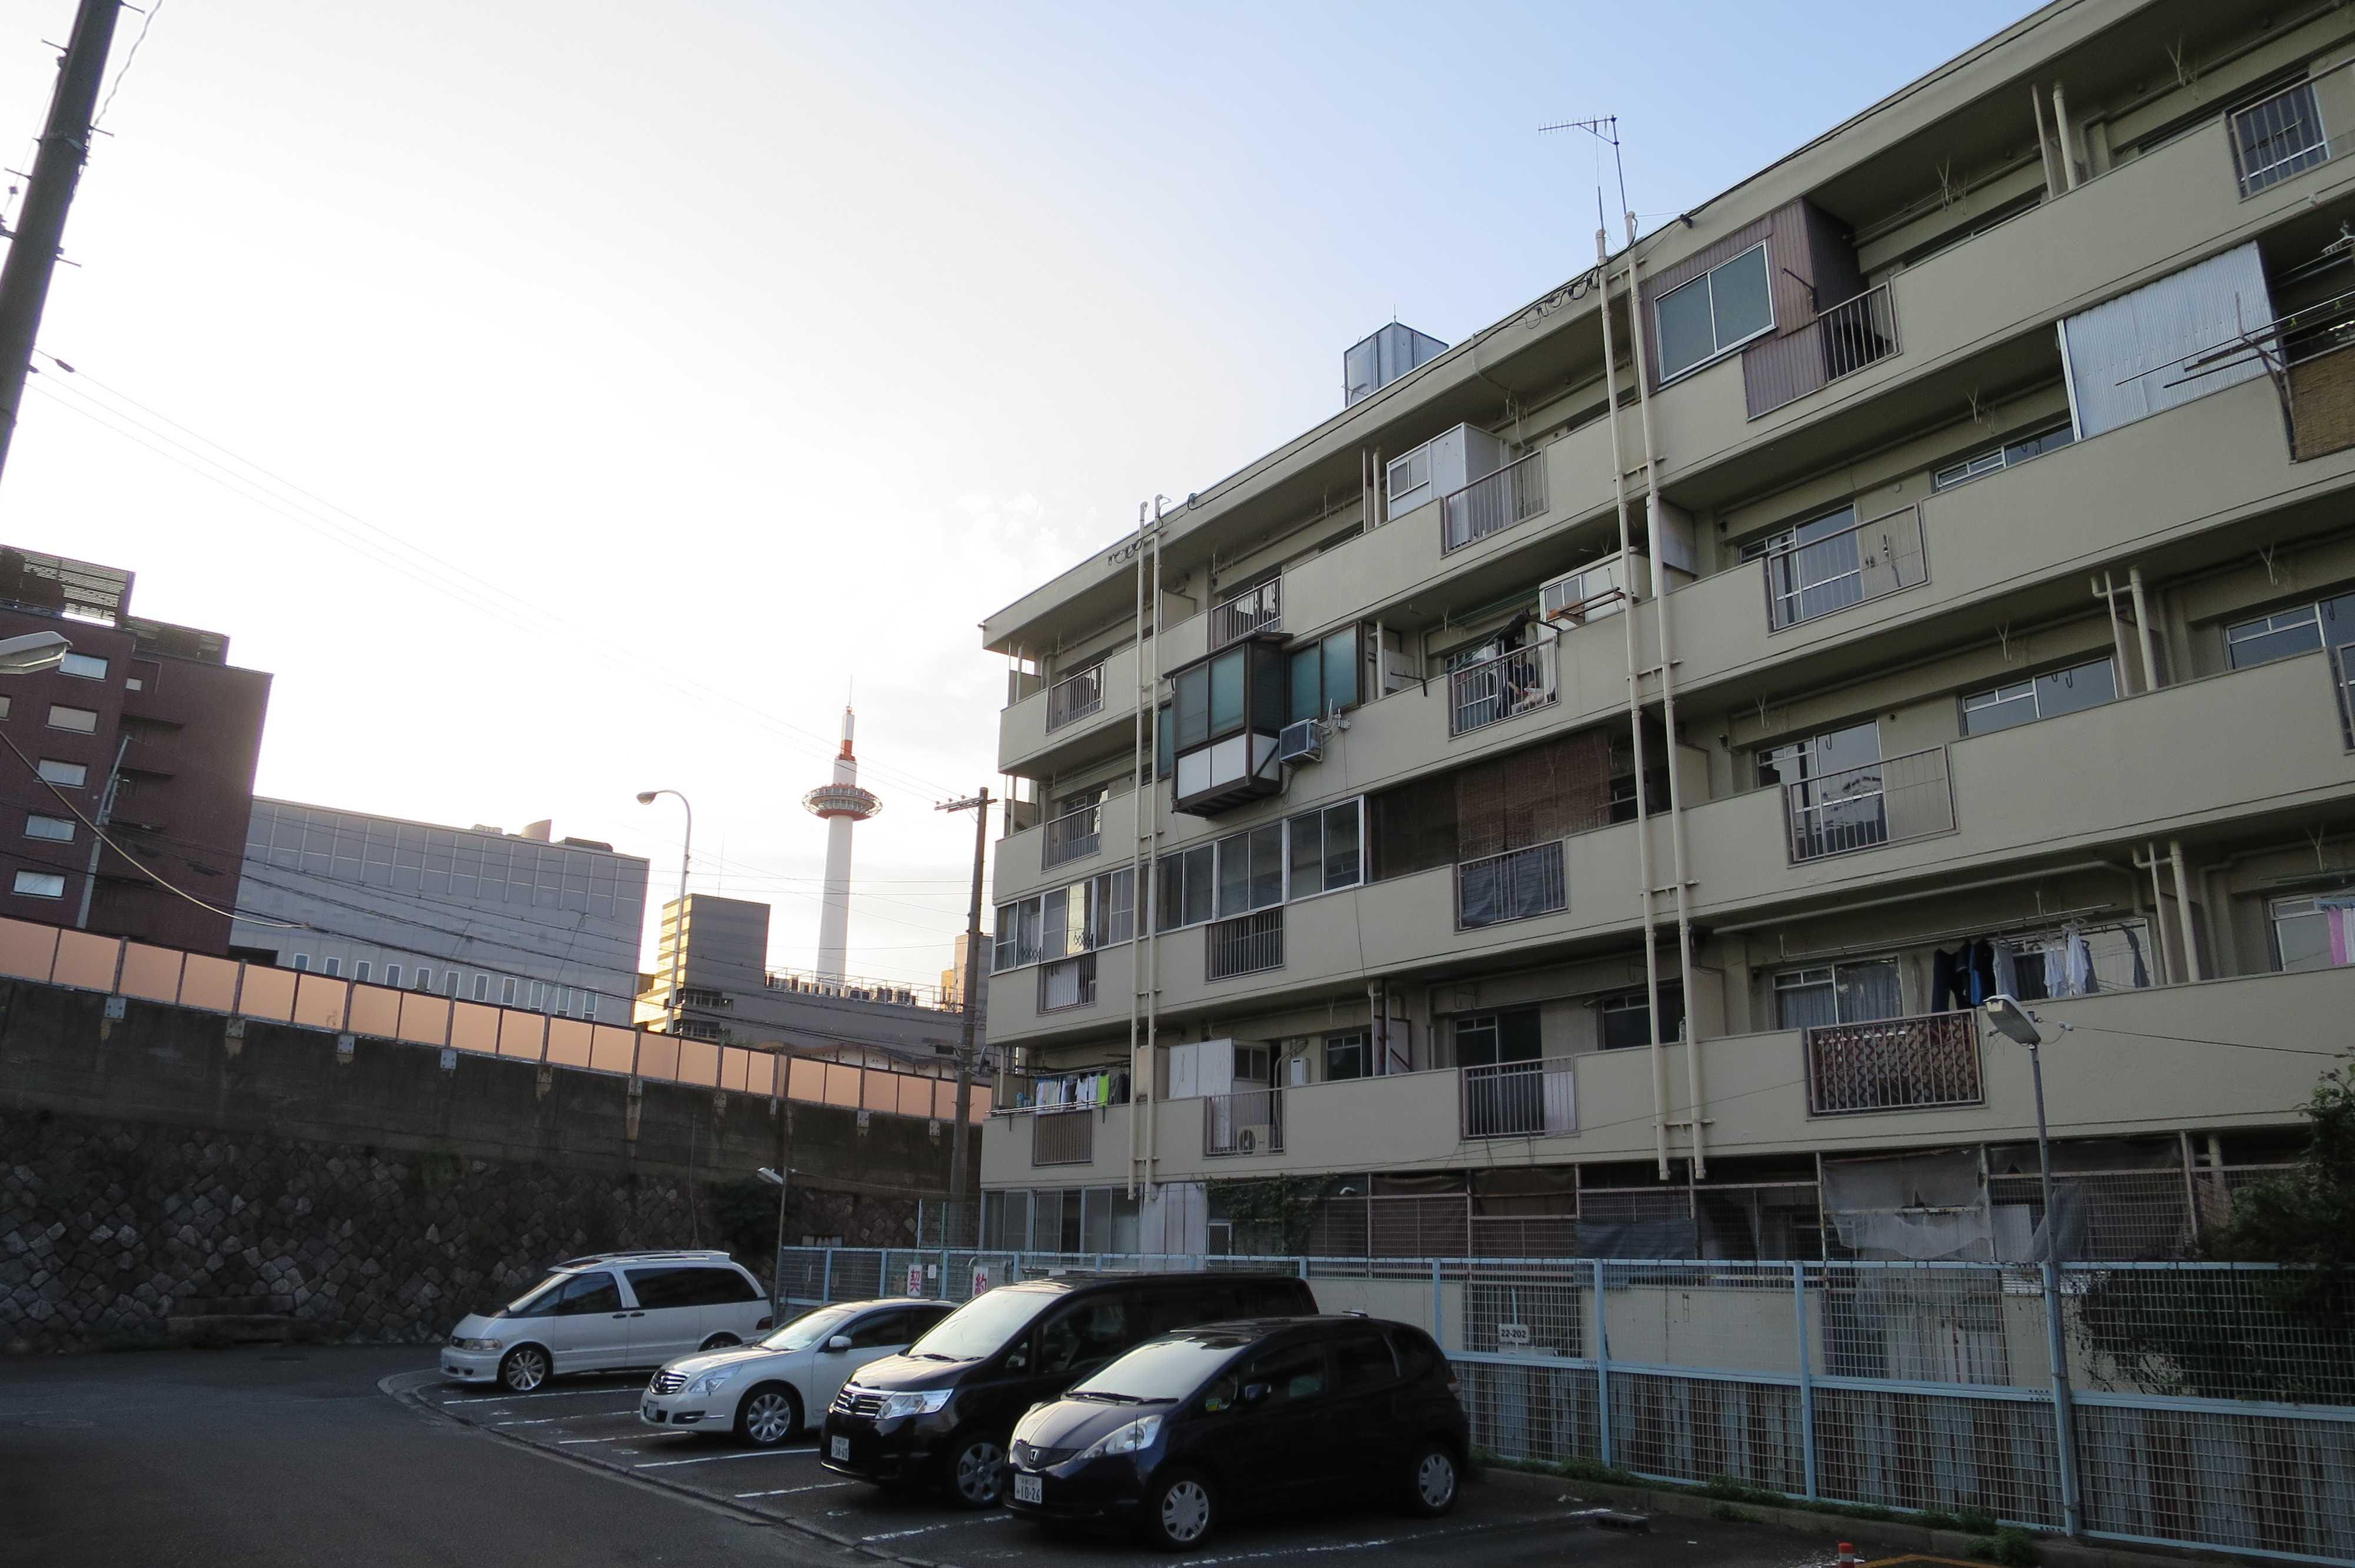 京都・崇仁地区 - 市営住宅の敷地から見えた京都タワー